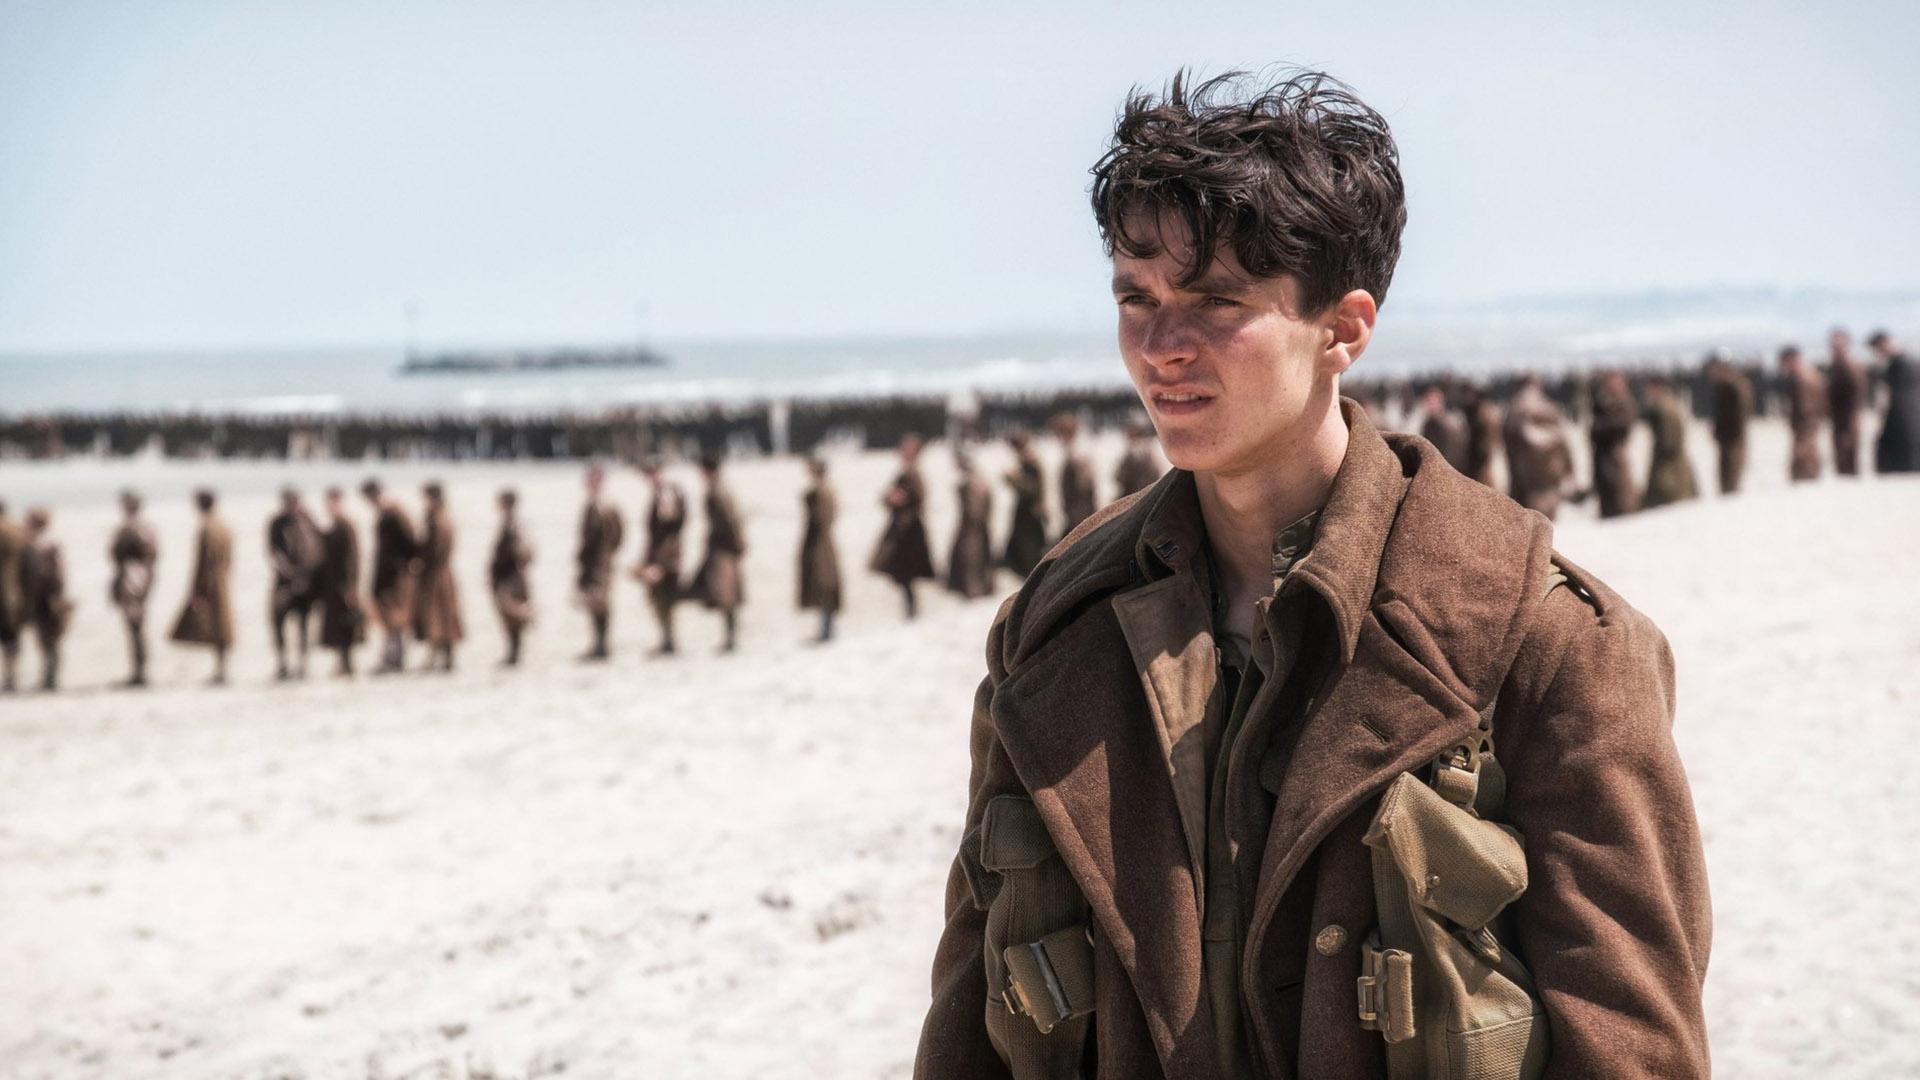 Sulla spiaggia di Dunkirk, il film di guerra di Nolan